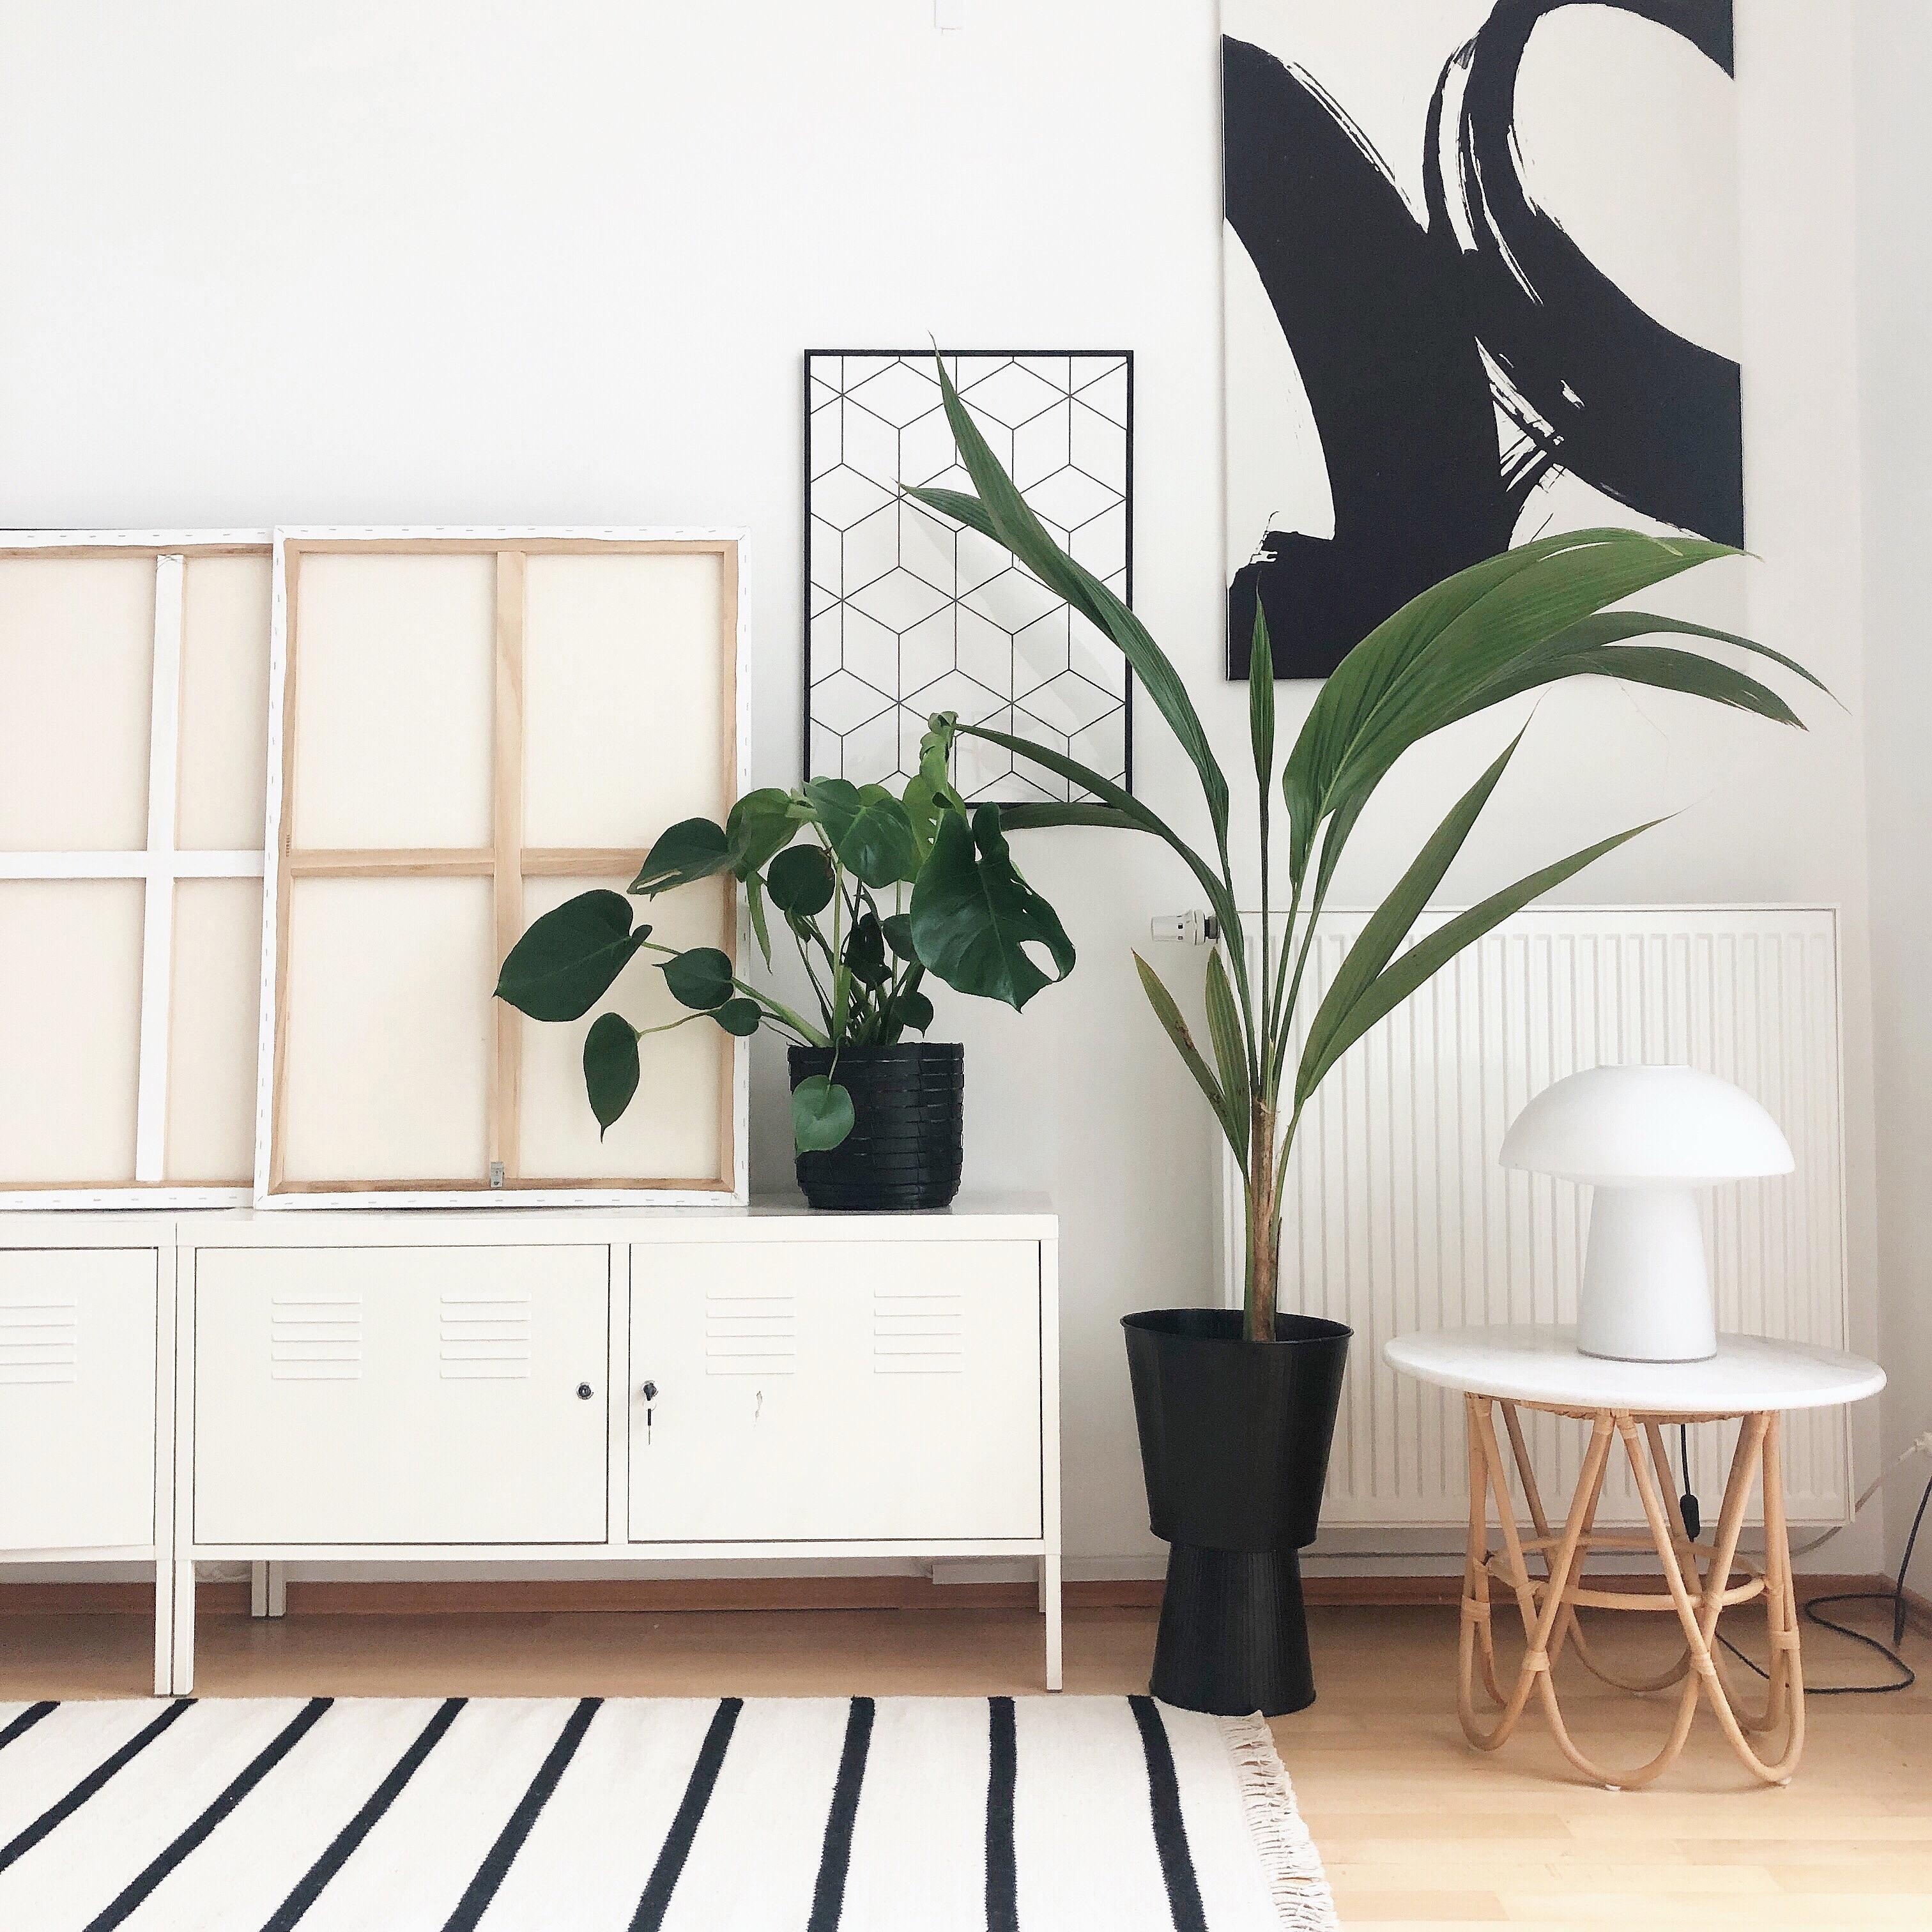 Pflanzendeko • Bilder & Ideen • COUCH